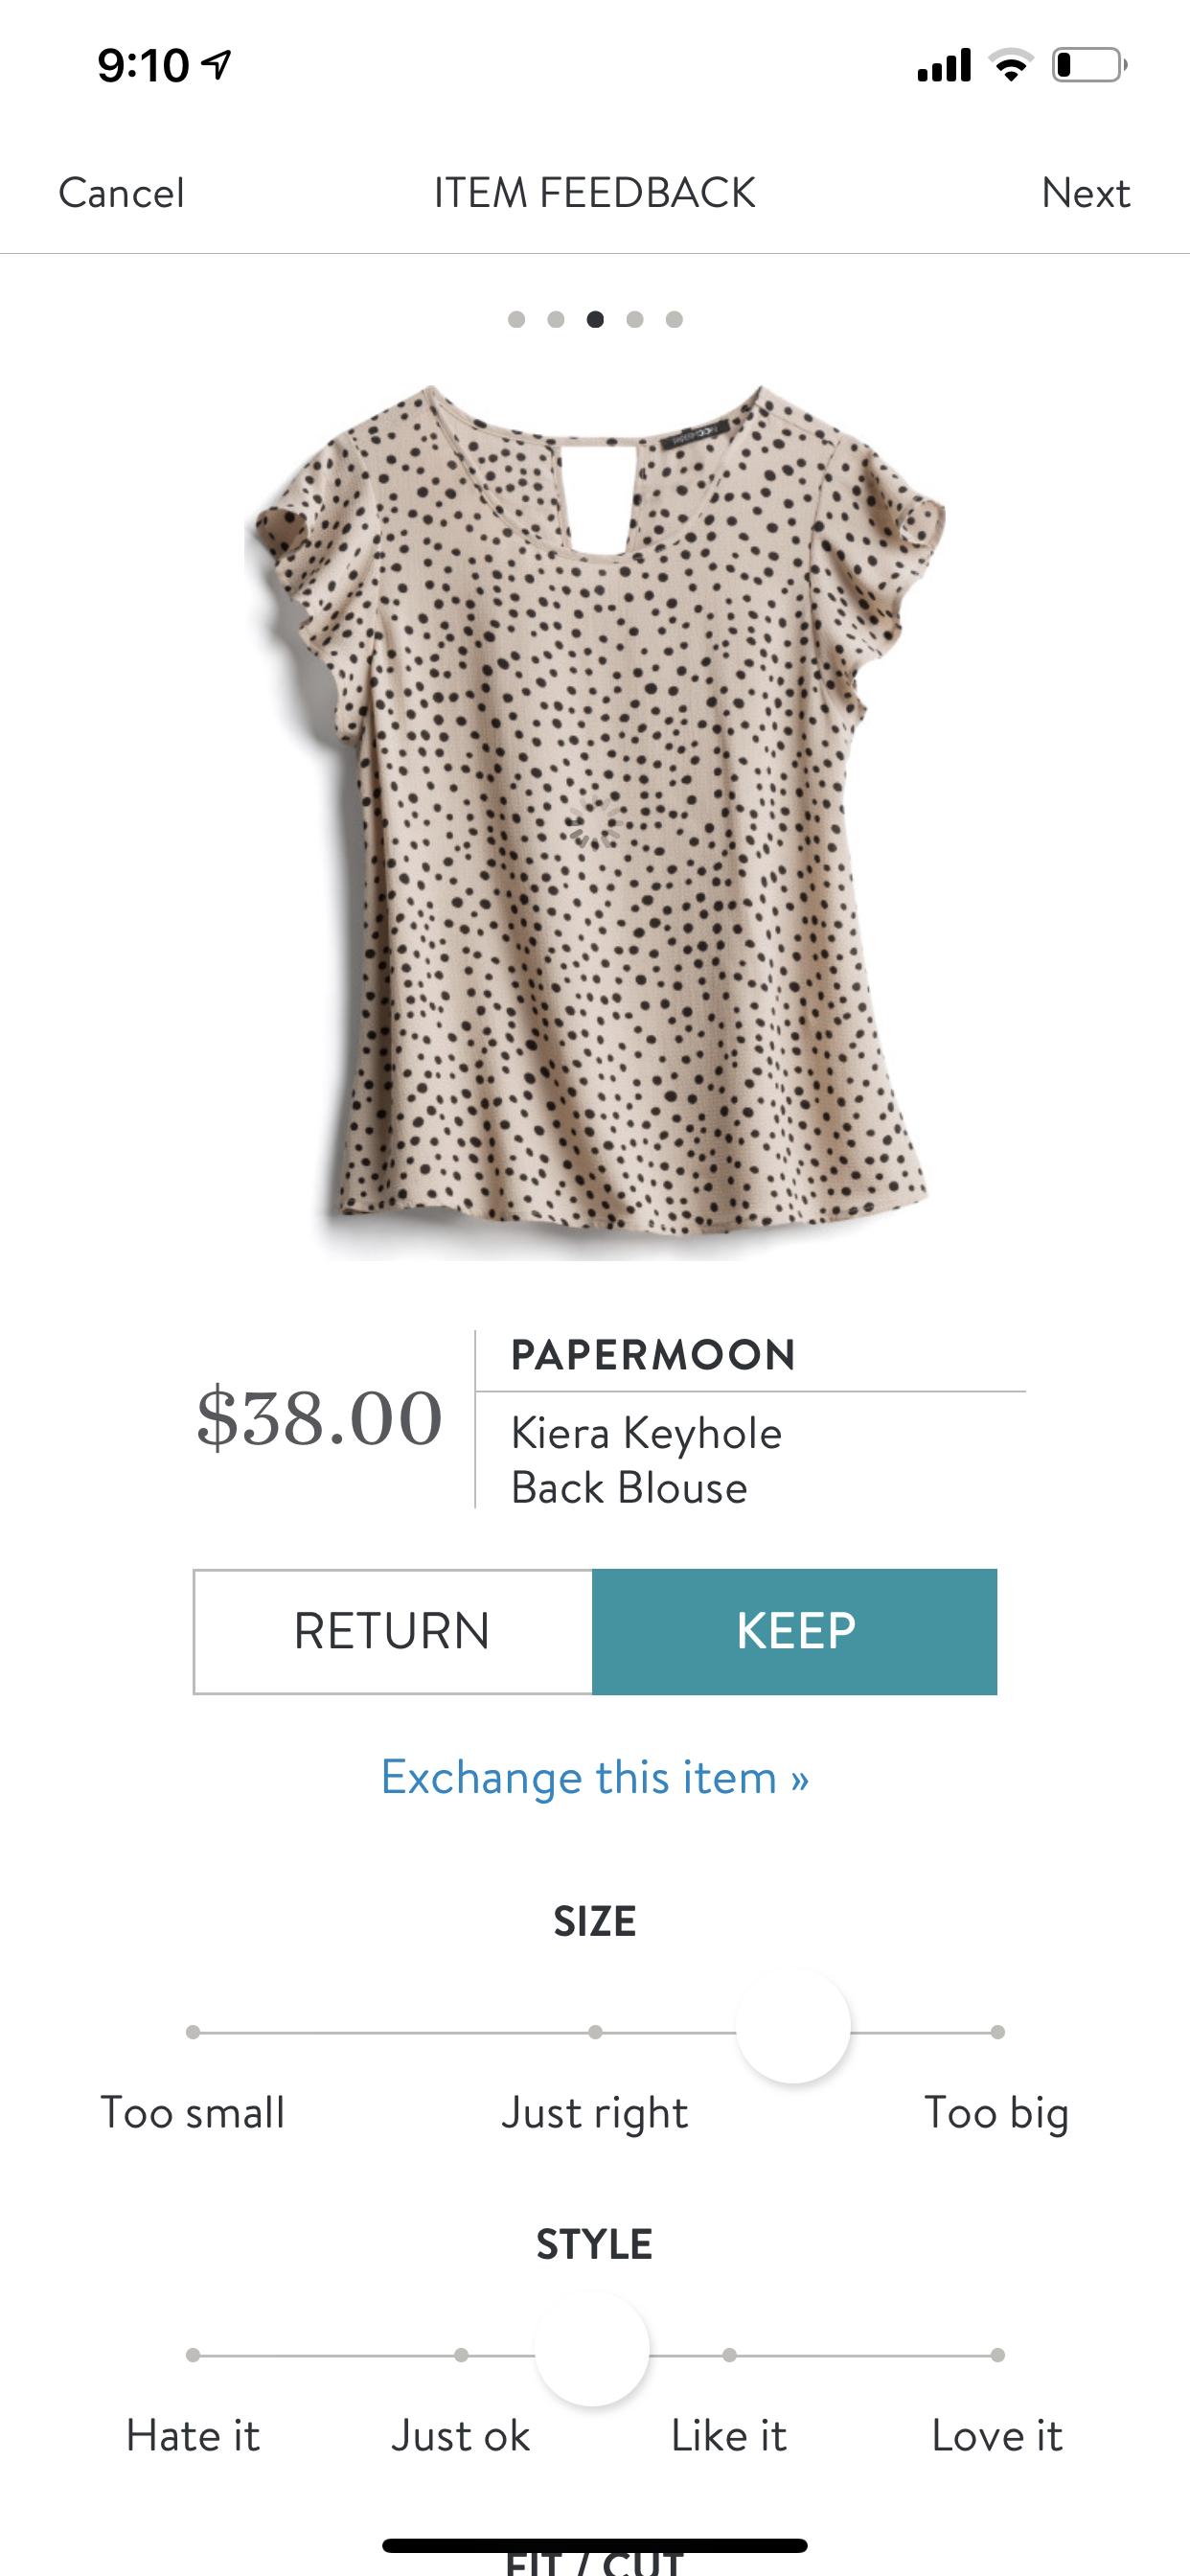 Stitch Fix Papermoon Kiera Keyhole Back Blouse #stitchfix #stitchfixinfluencer #stitchfix